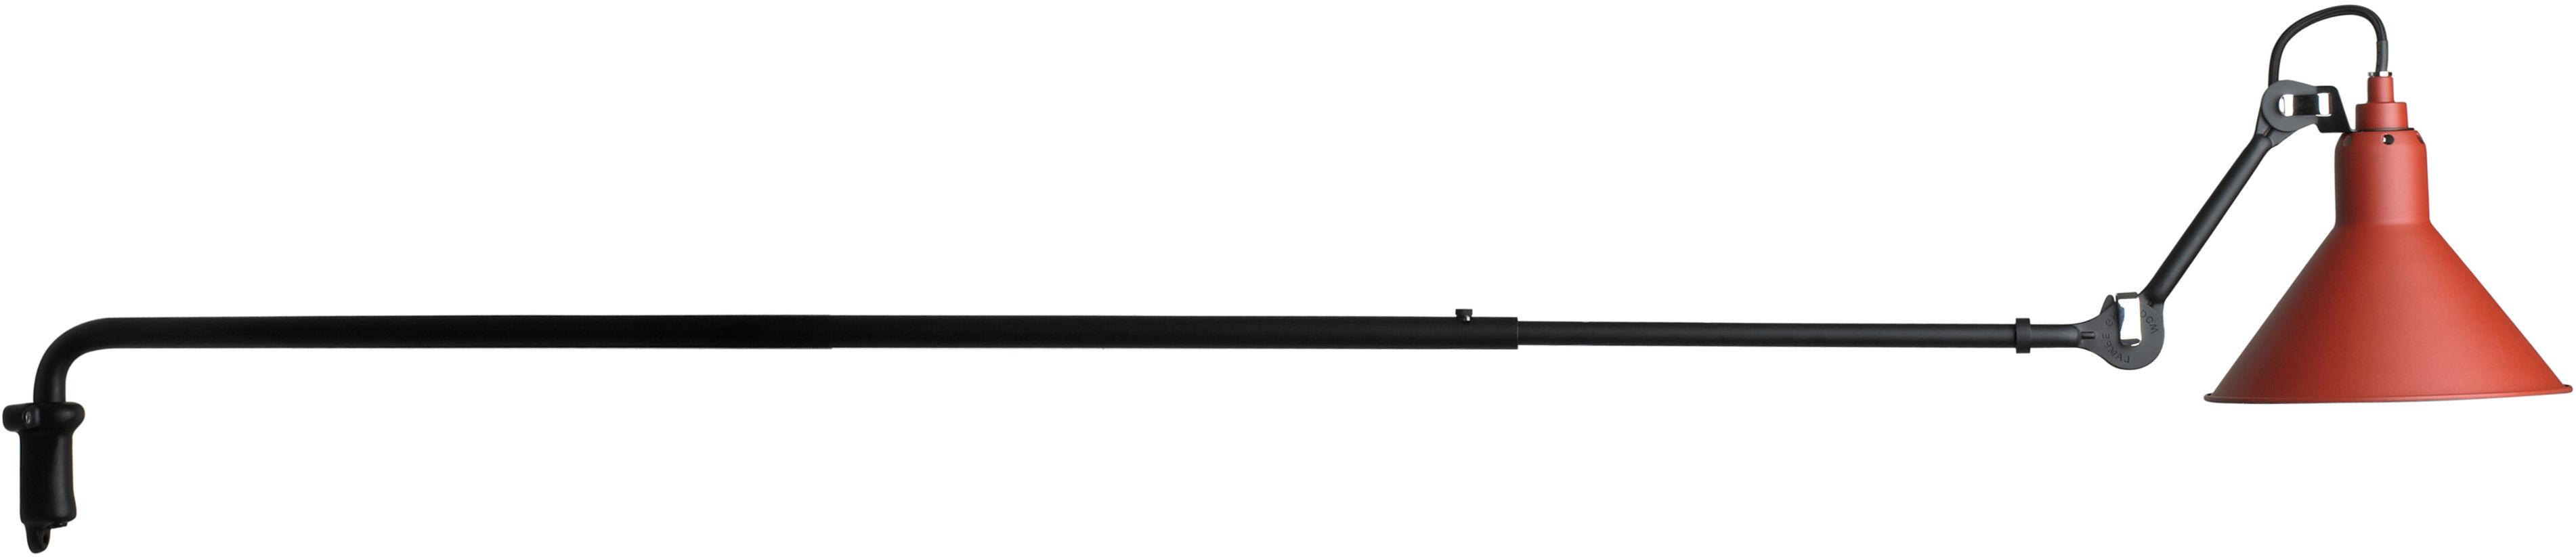 Luminaire - Appliques - Applique N°213 / Bras téléscopique - Lampe Gras - DCW éditions - Rouge satiné (mat) / Noir mat - Acier